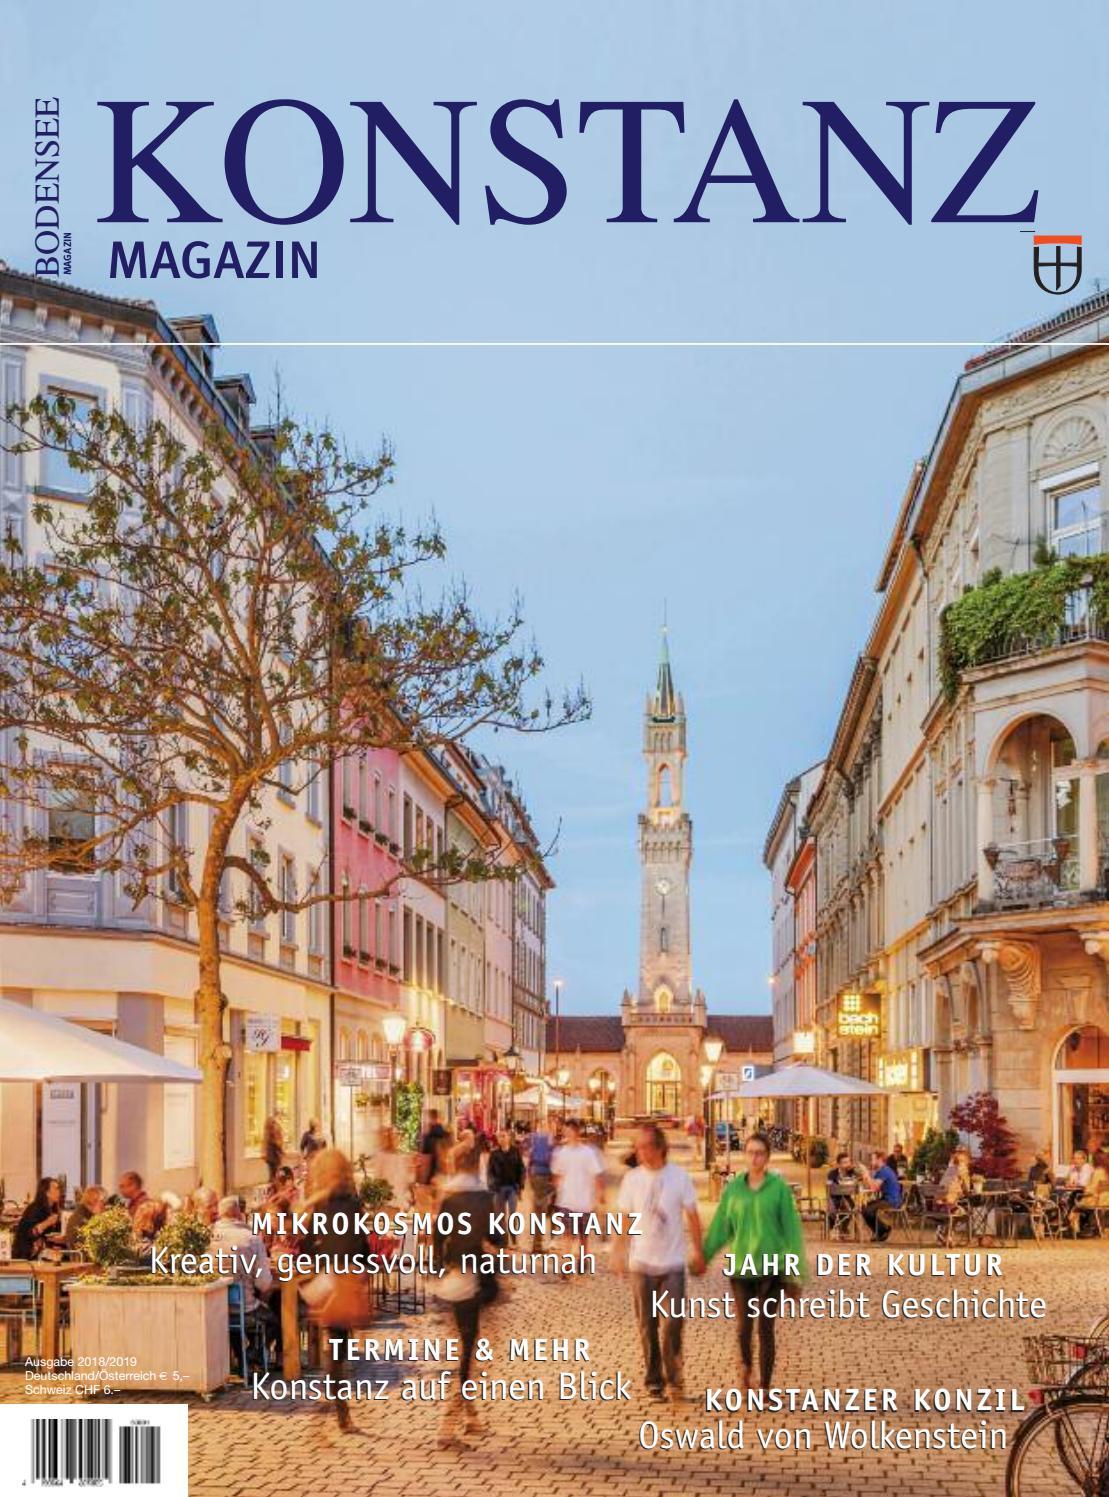 Konstanz Magazin 2018 By Labhard Medien Issuu